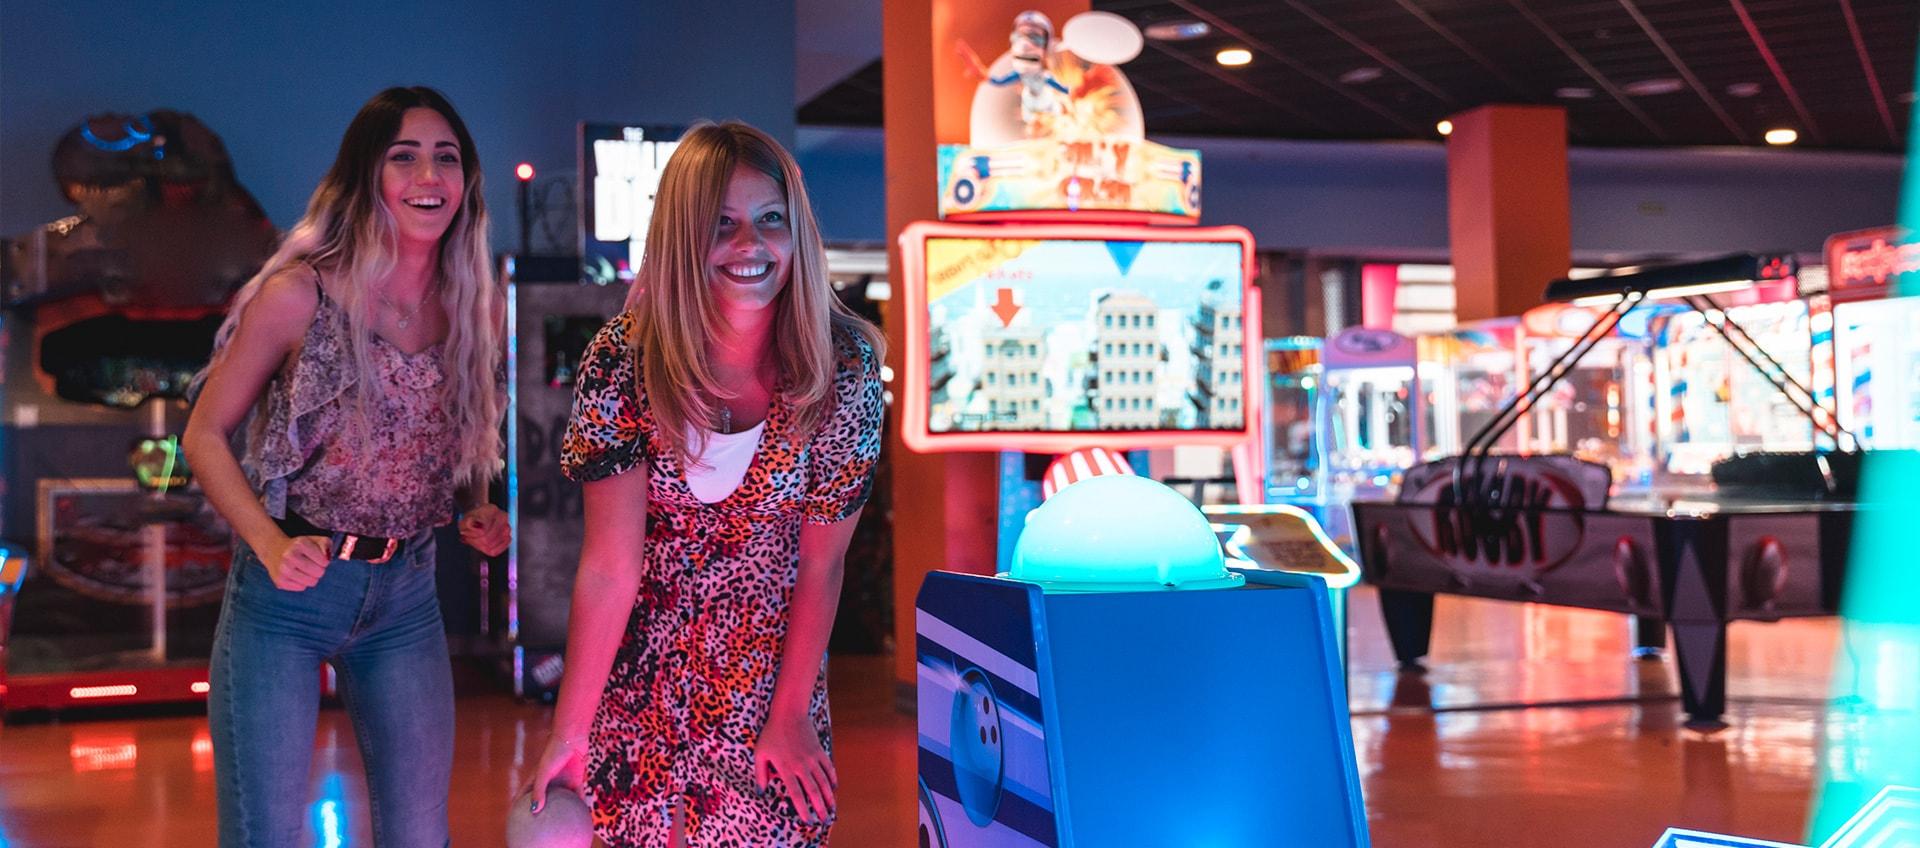 having fun at an arcade